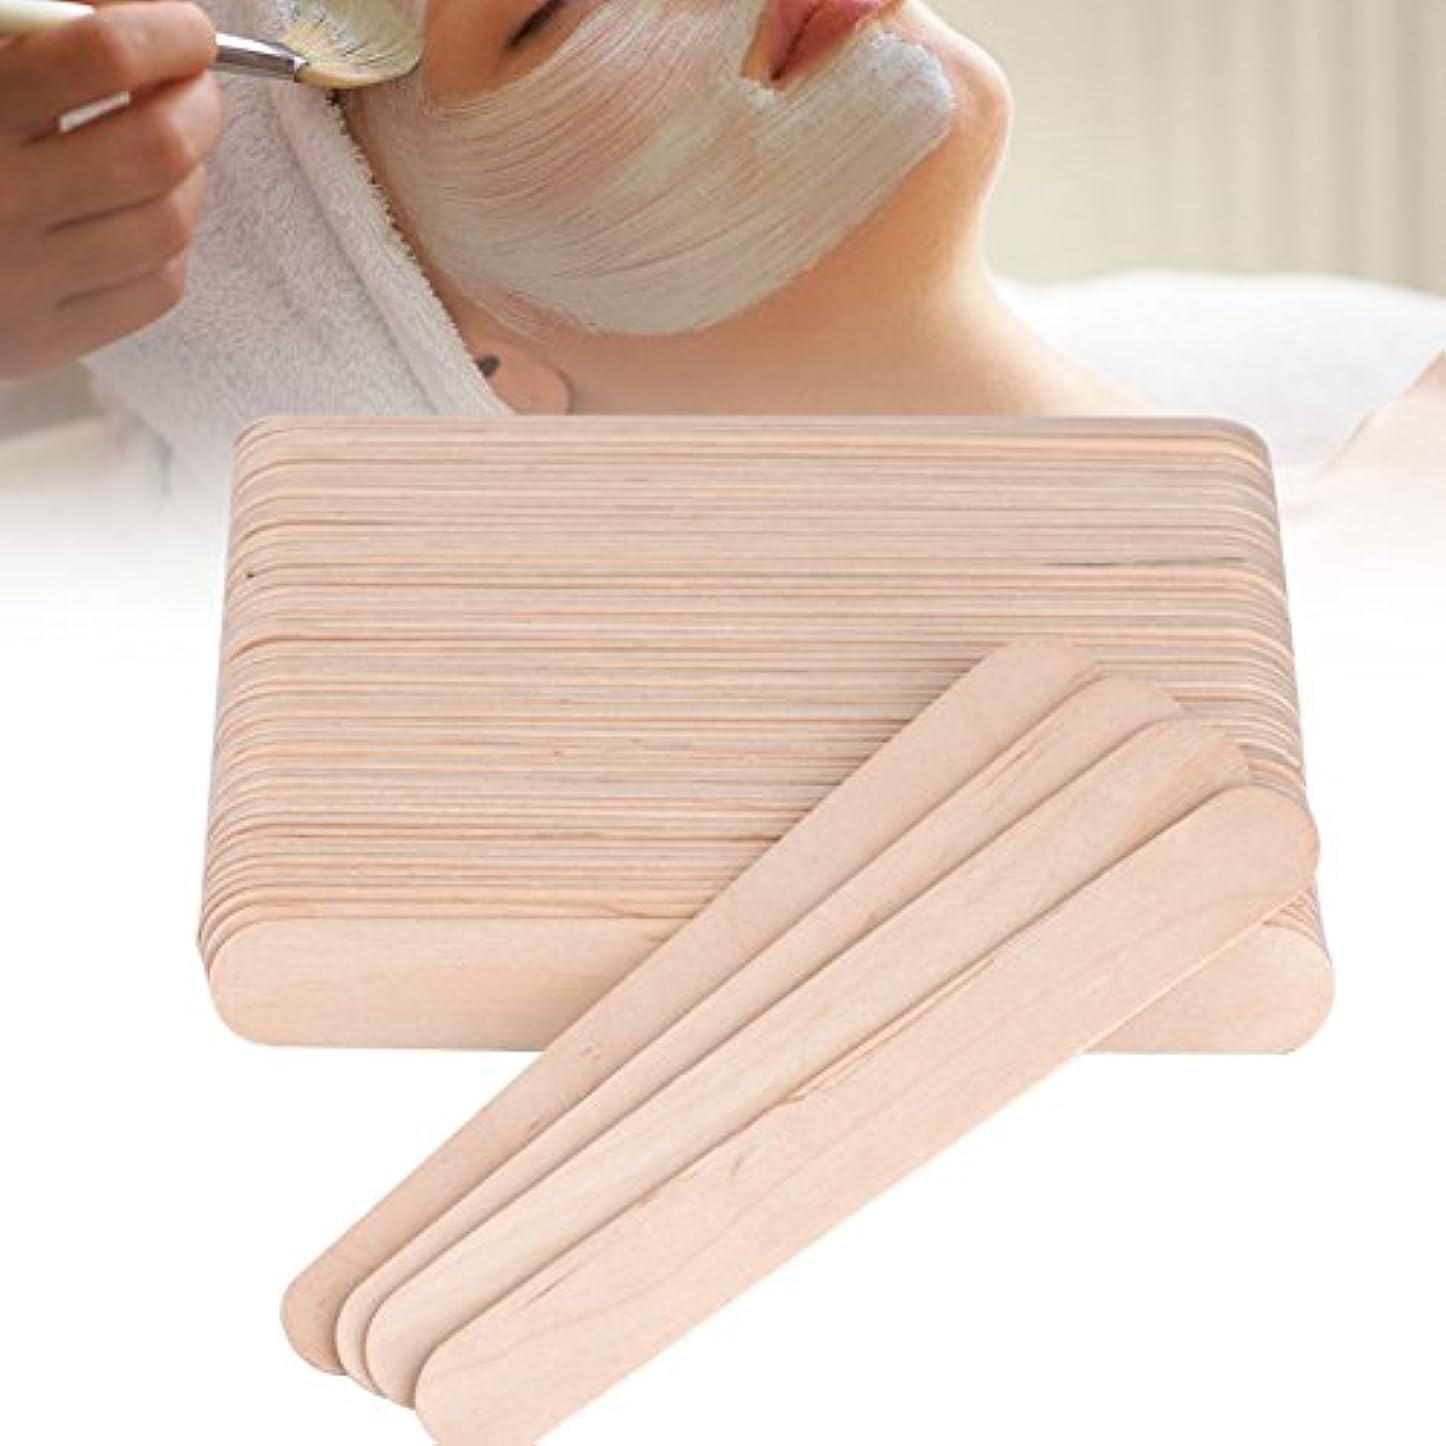 試みリマーク意味のある舌圧子ワックススティックスパチュラアプリケーター木製スパチュラ使い捨て業務用木製 100PCS /バッグ